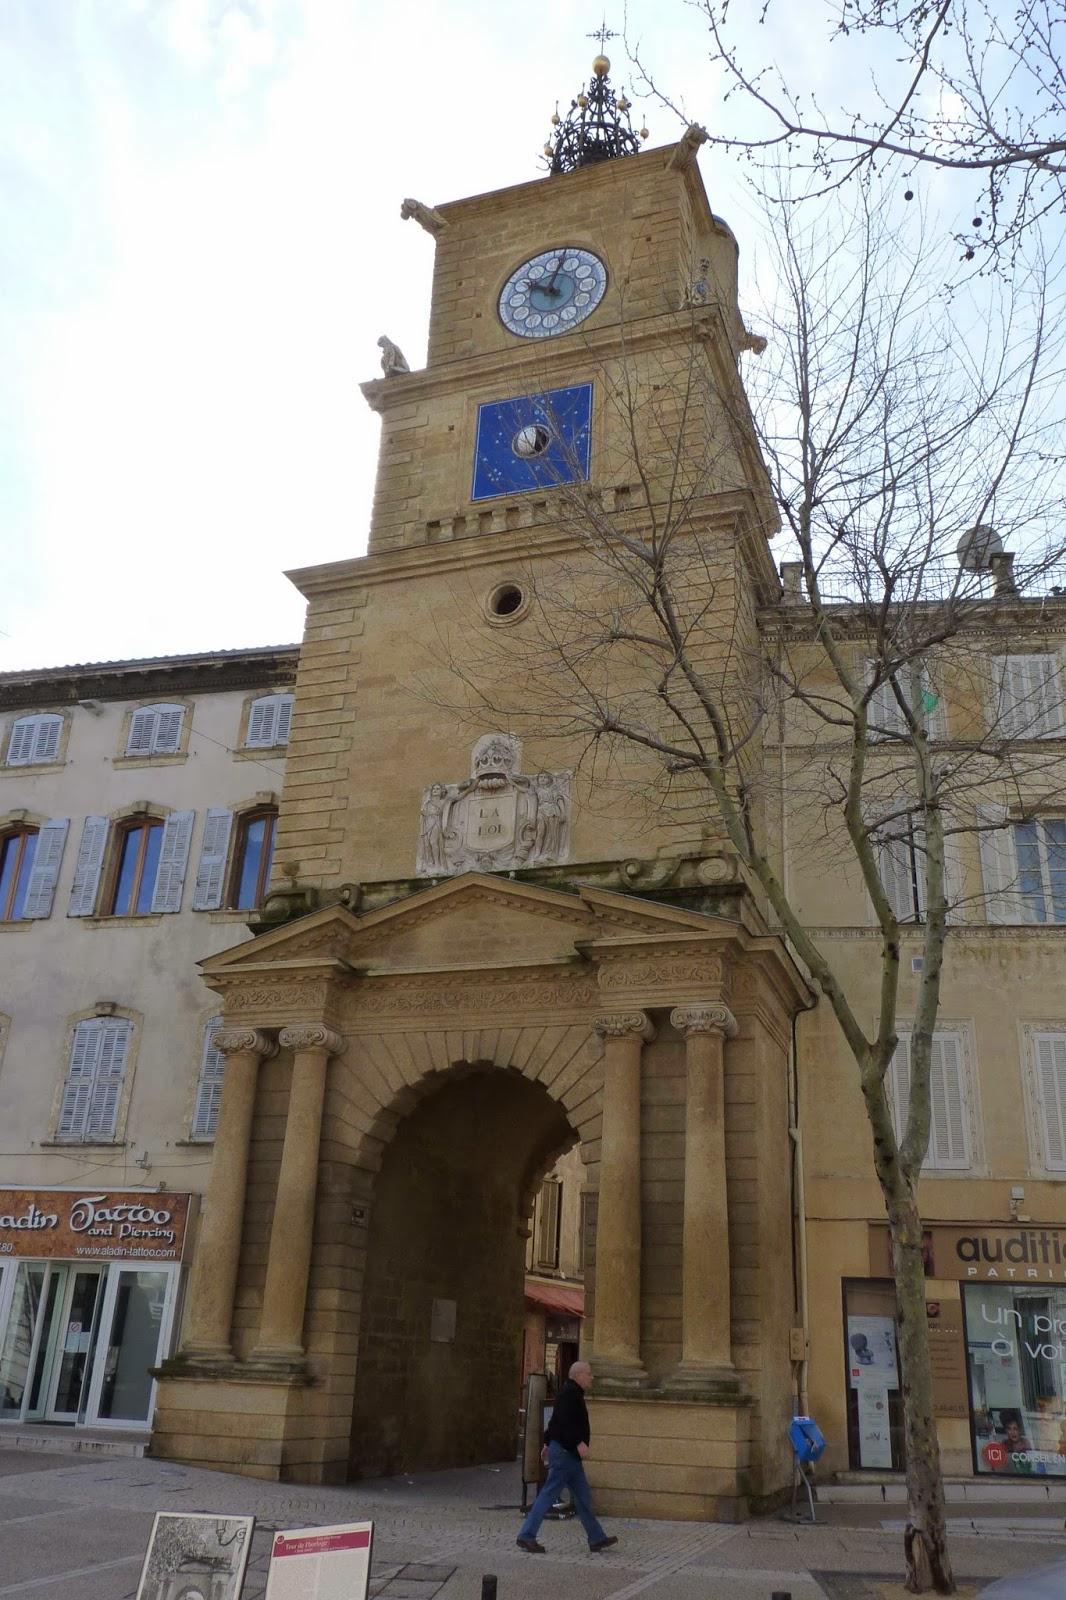 Salon de provence porte de l 39 horloge for Porte de l horloge salon de provence